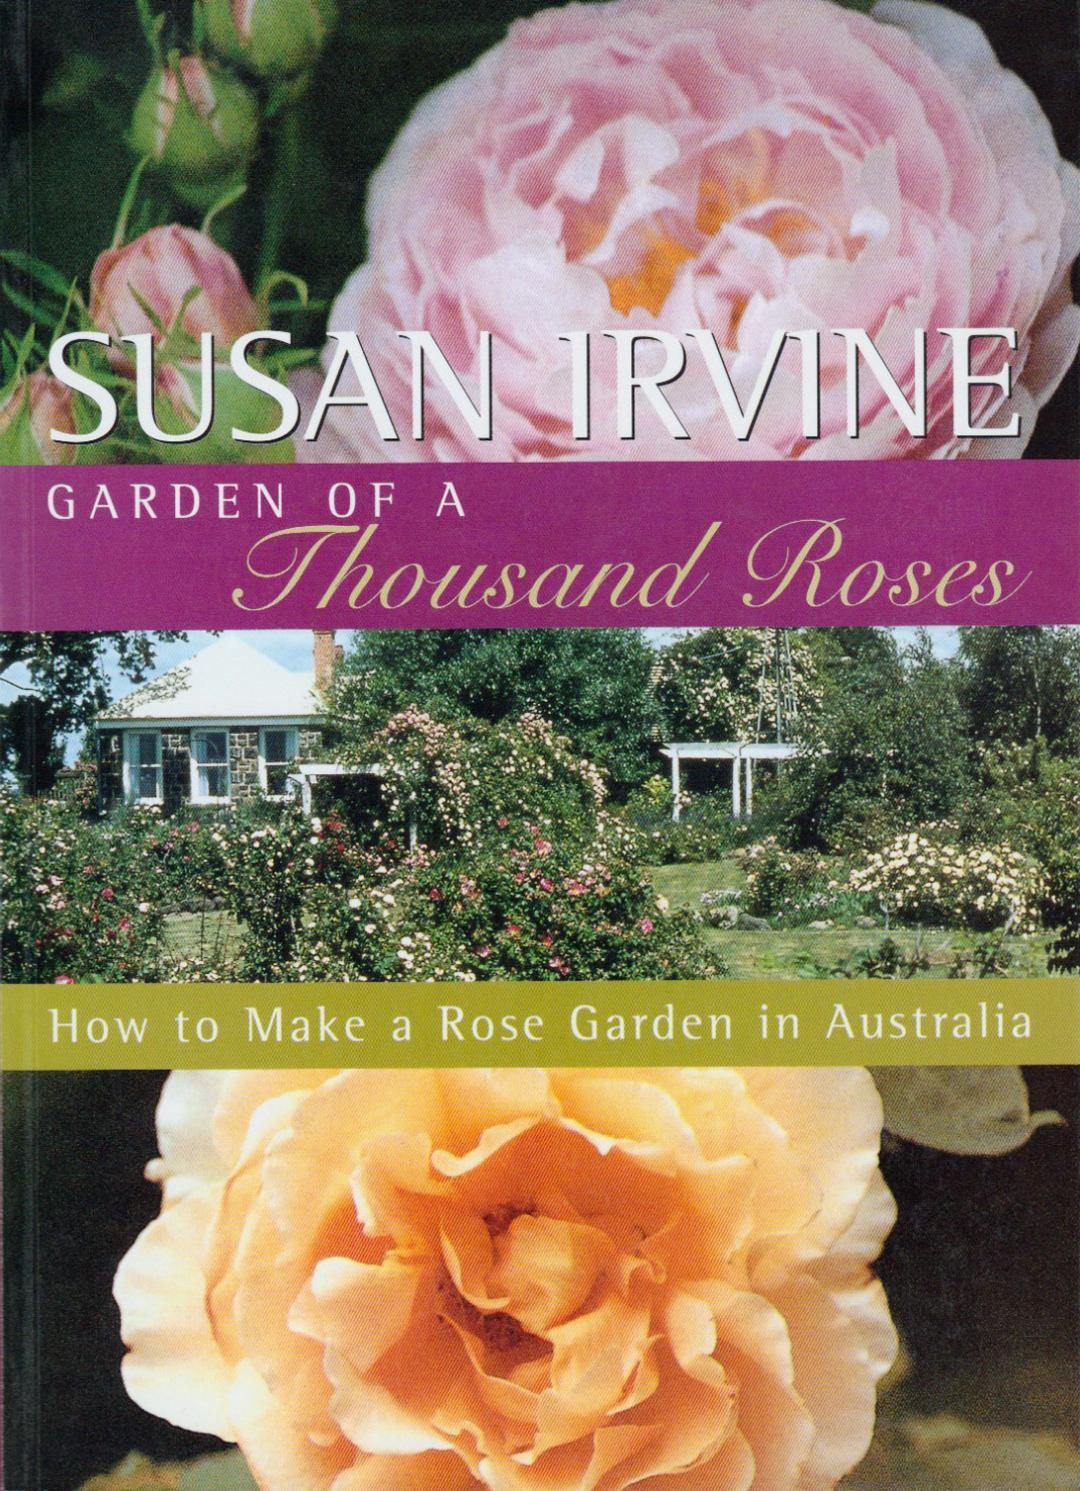 Garden of a Thousand Roses